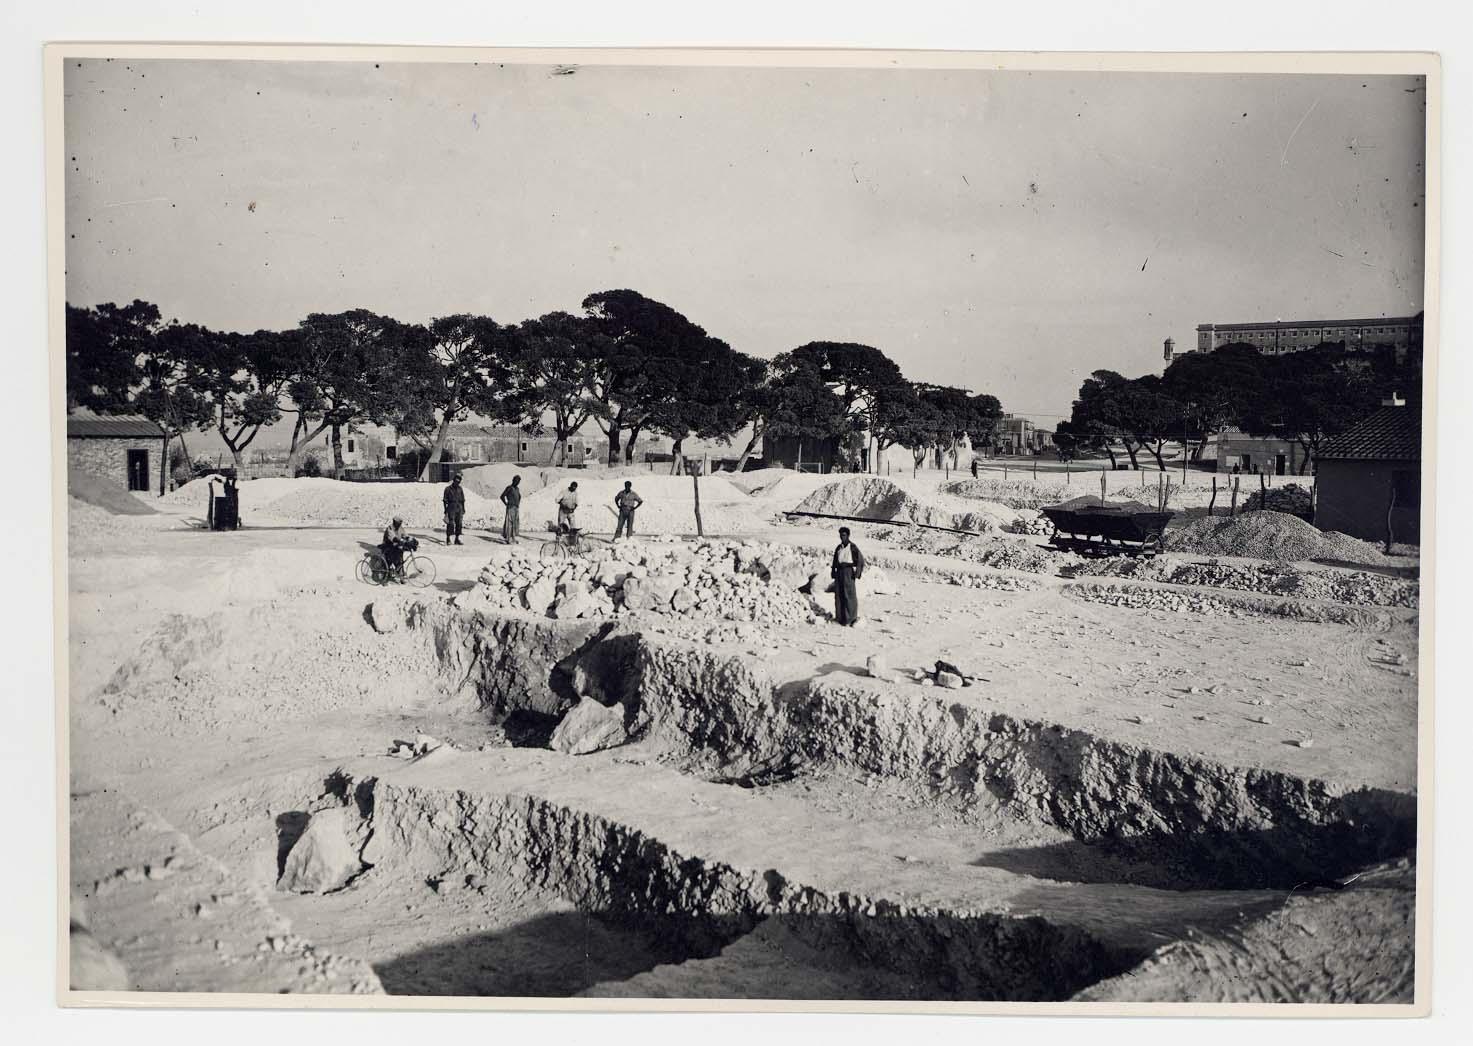 Archivio Comunale - 1956 - Topografia_jpg_foto 0017 3-3